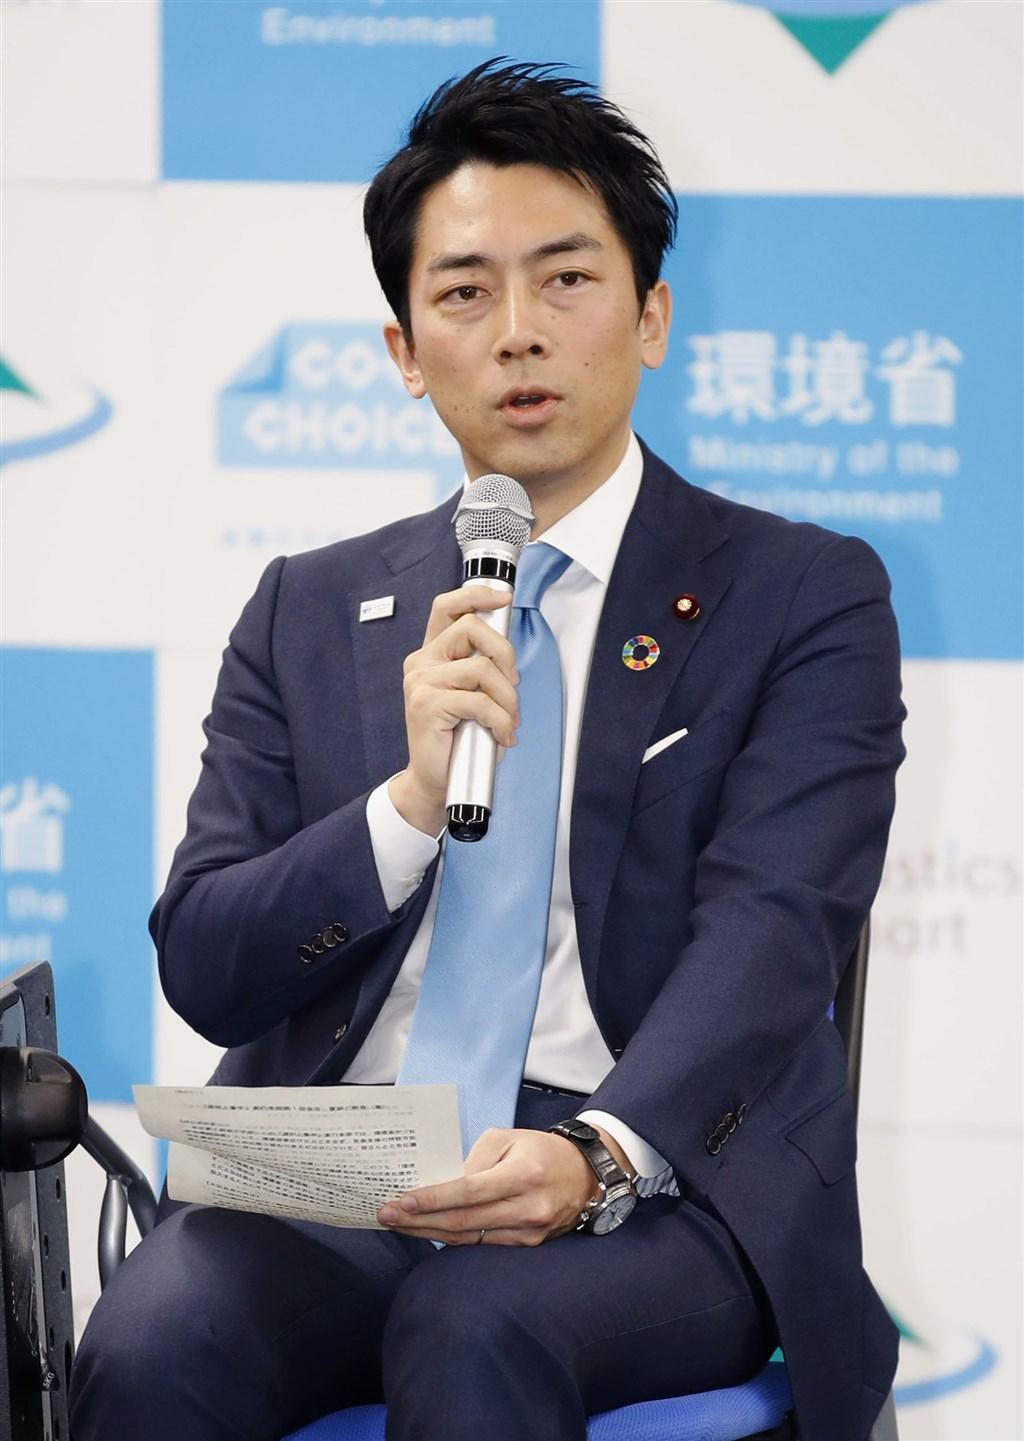 日本環境大臣小泉進次郎15日在環境省內部會議上表明,自己有意休育嬰假。(共同社提供)